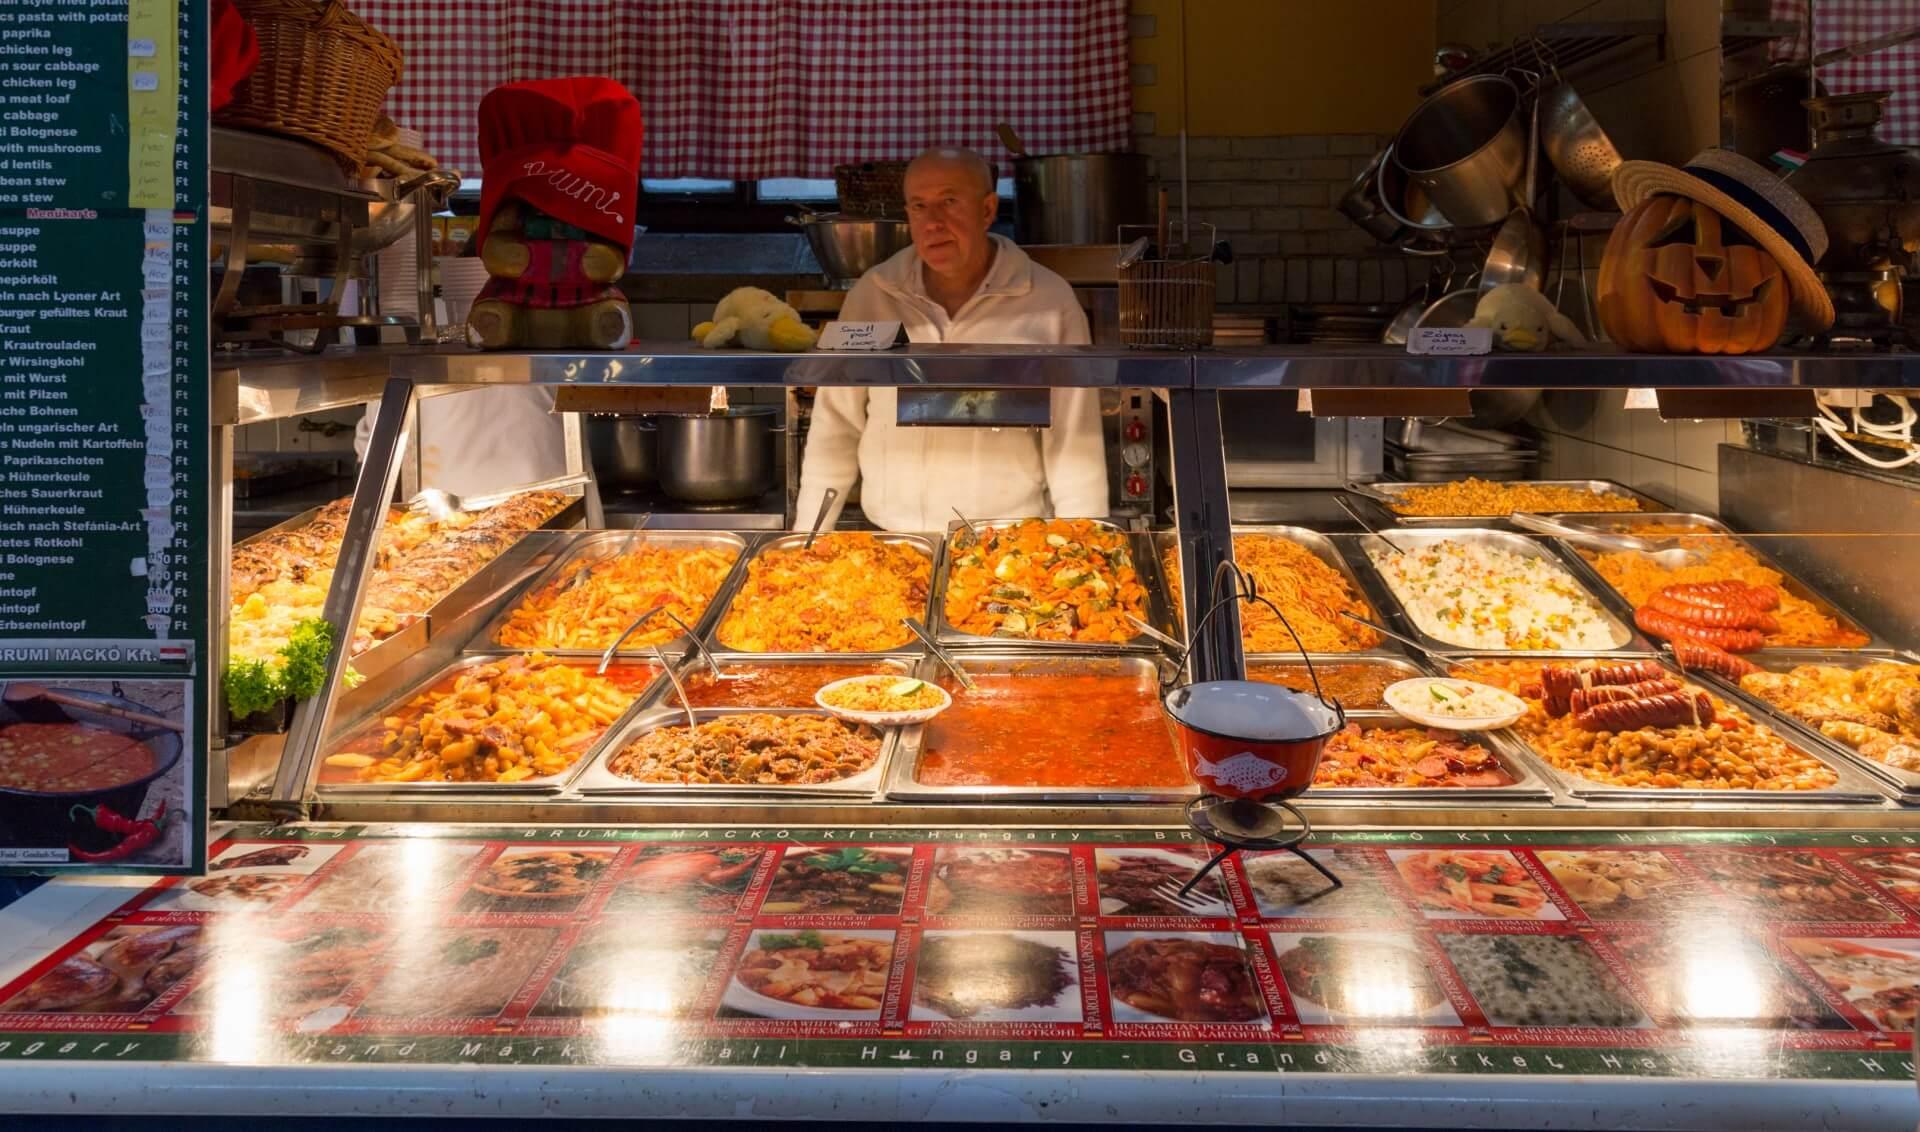 Essensstand in der Markthalle Budapest